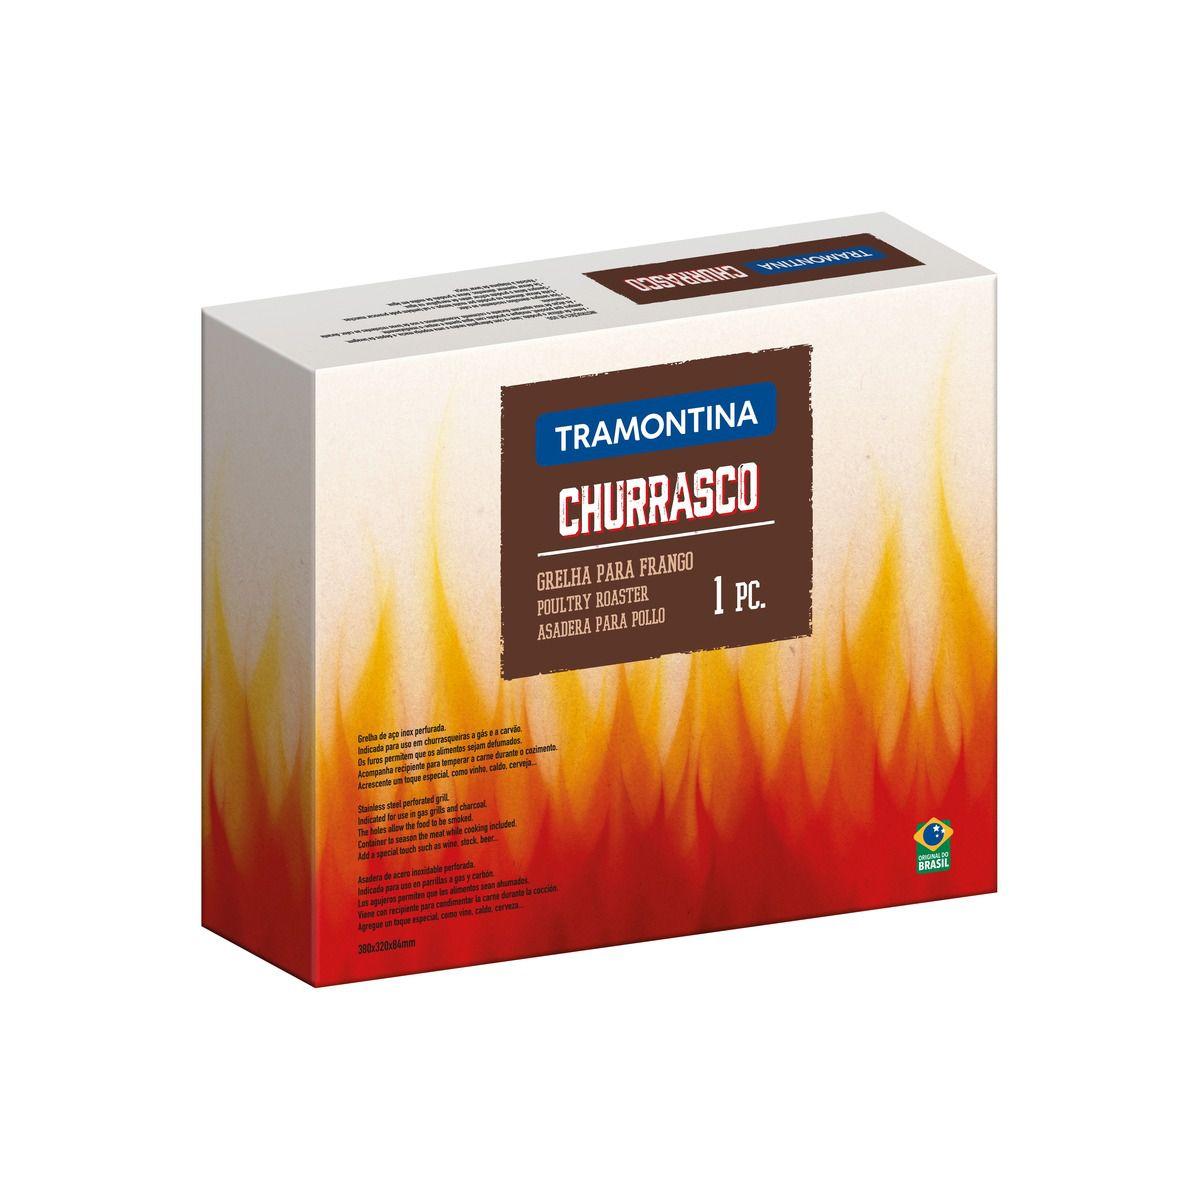 Grelha Tramontina para Frango em Aço Inox com Recipiente para Temperos 38 x 32 cm 61322/280 | Lojas Estrela